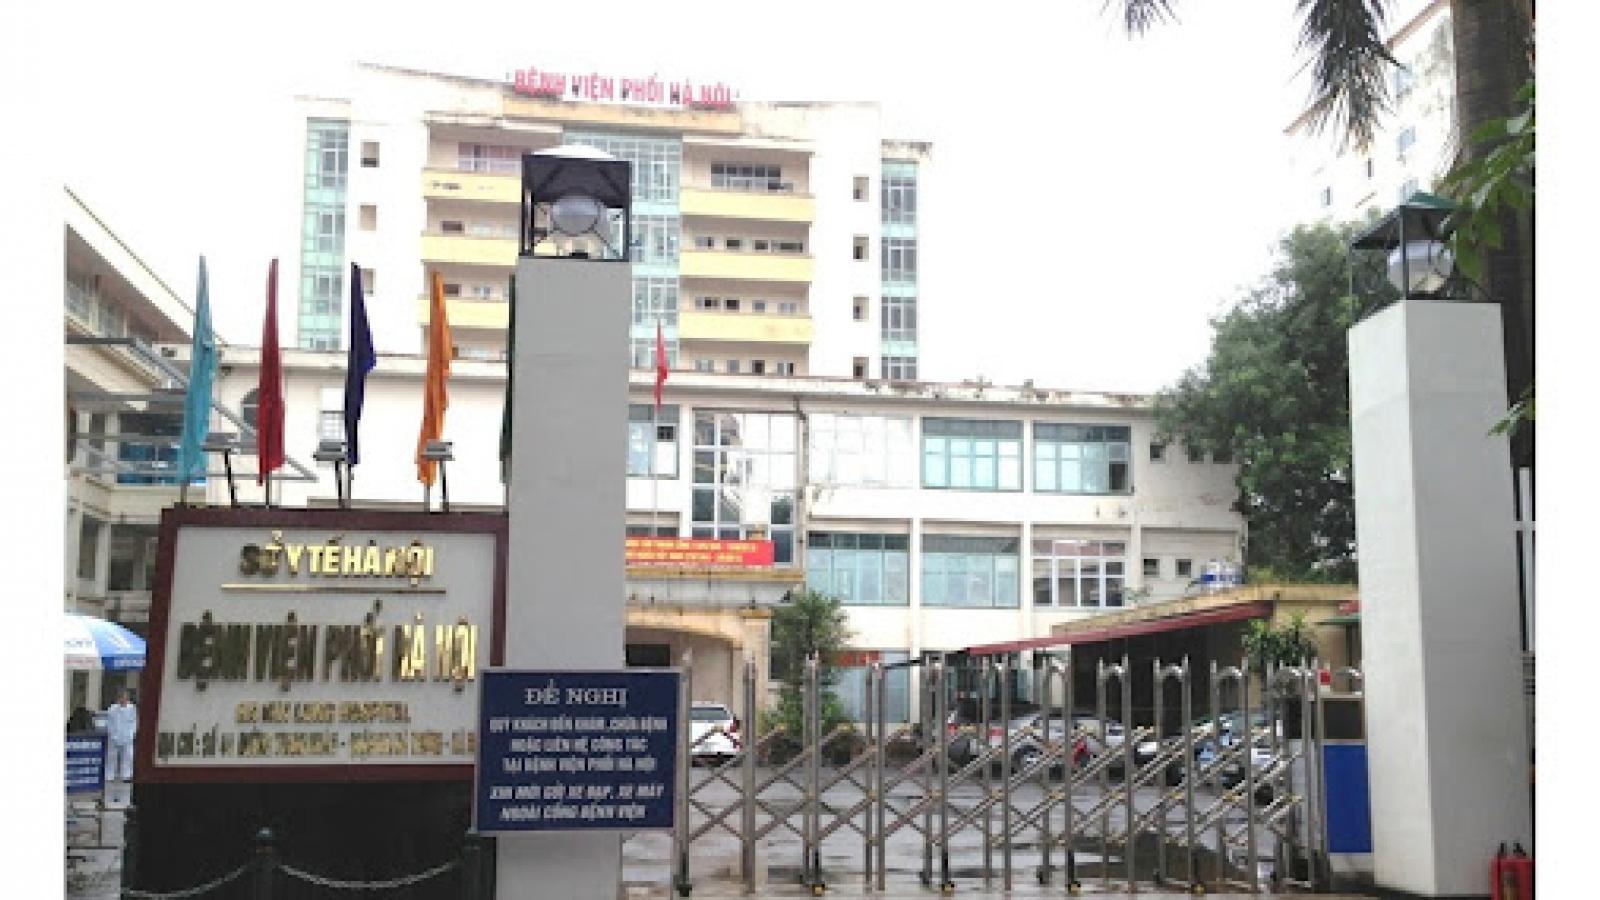 Phát hiện 14 ca dương tính SARS-CoV-2 qua test nhanh ở Bệnh viện Phổi Hà Nội